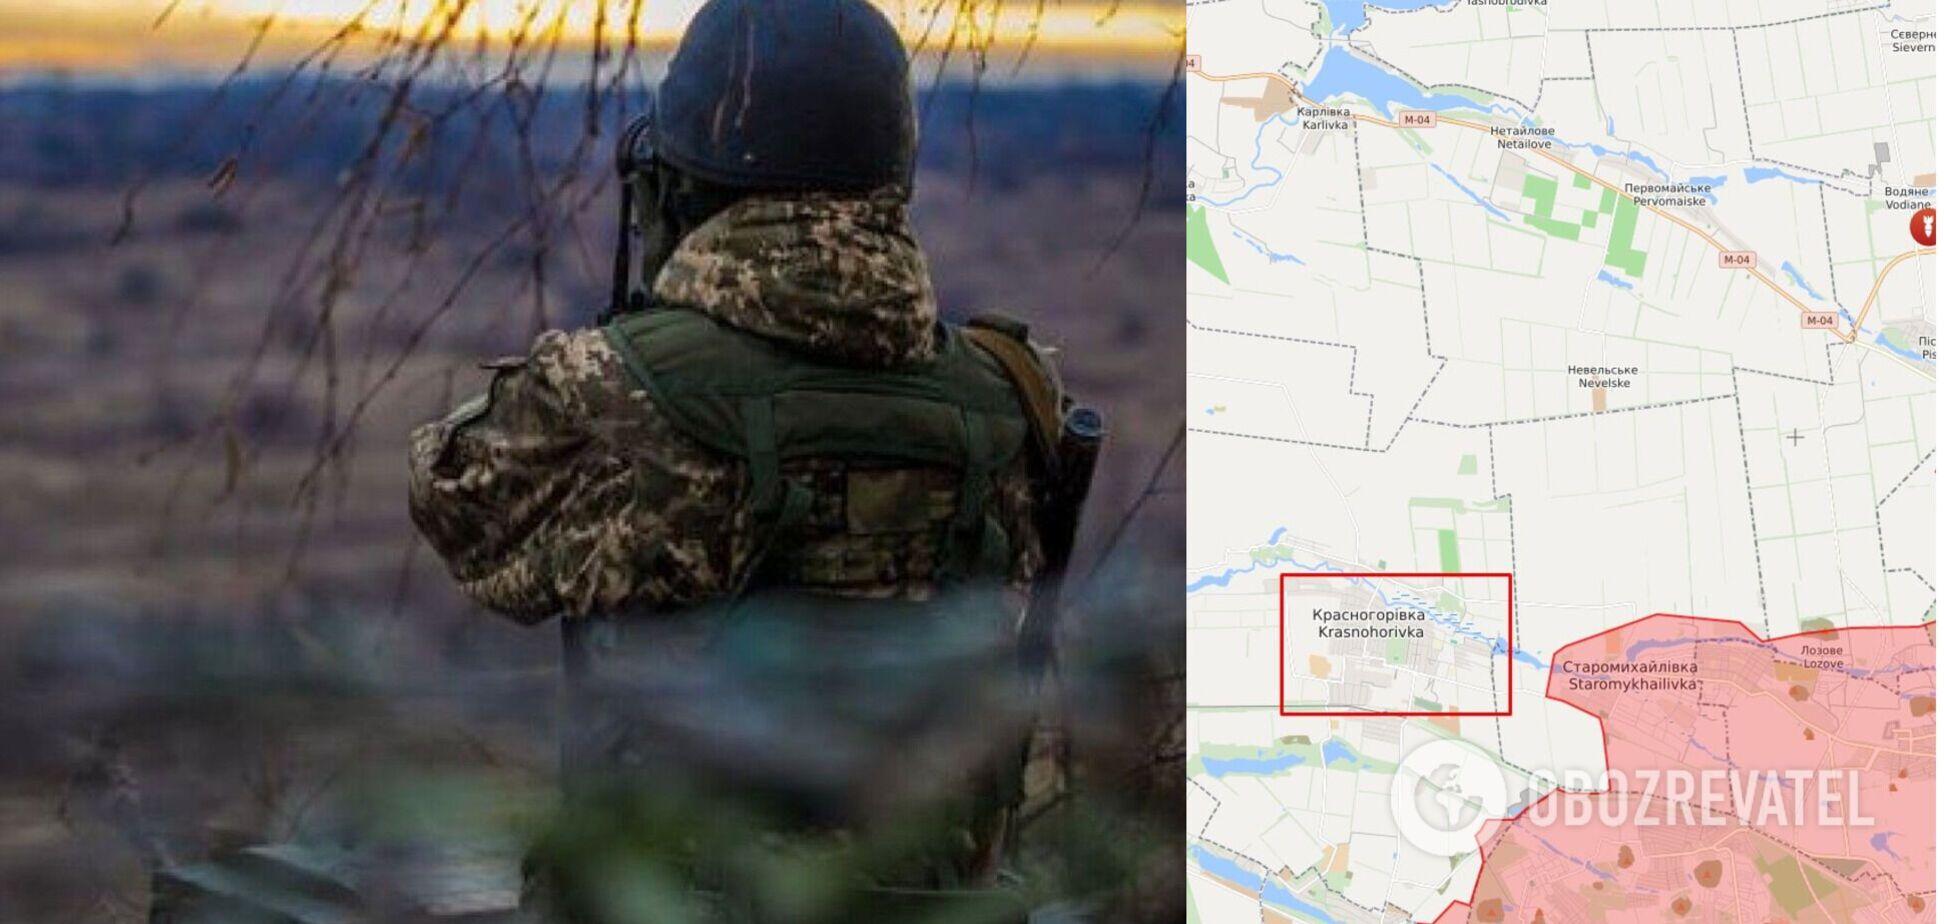 Російські окупанти відкрили вогонь по ЗСУ та мирних жителях: поранено двох бійців і цивільного